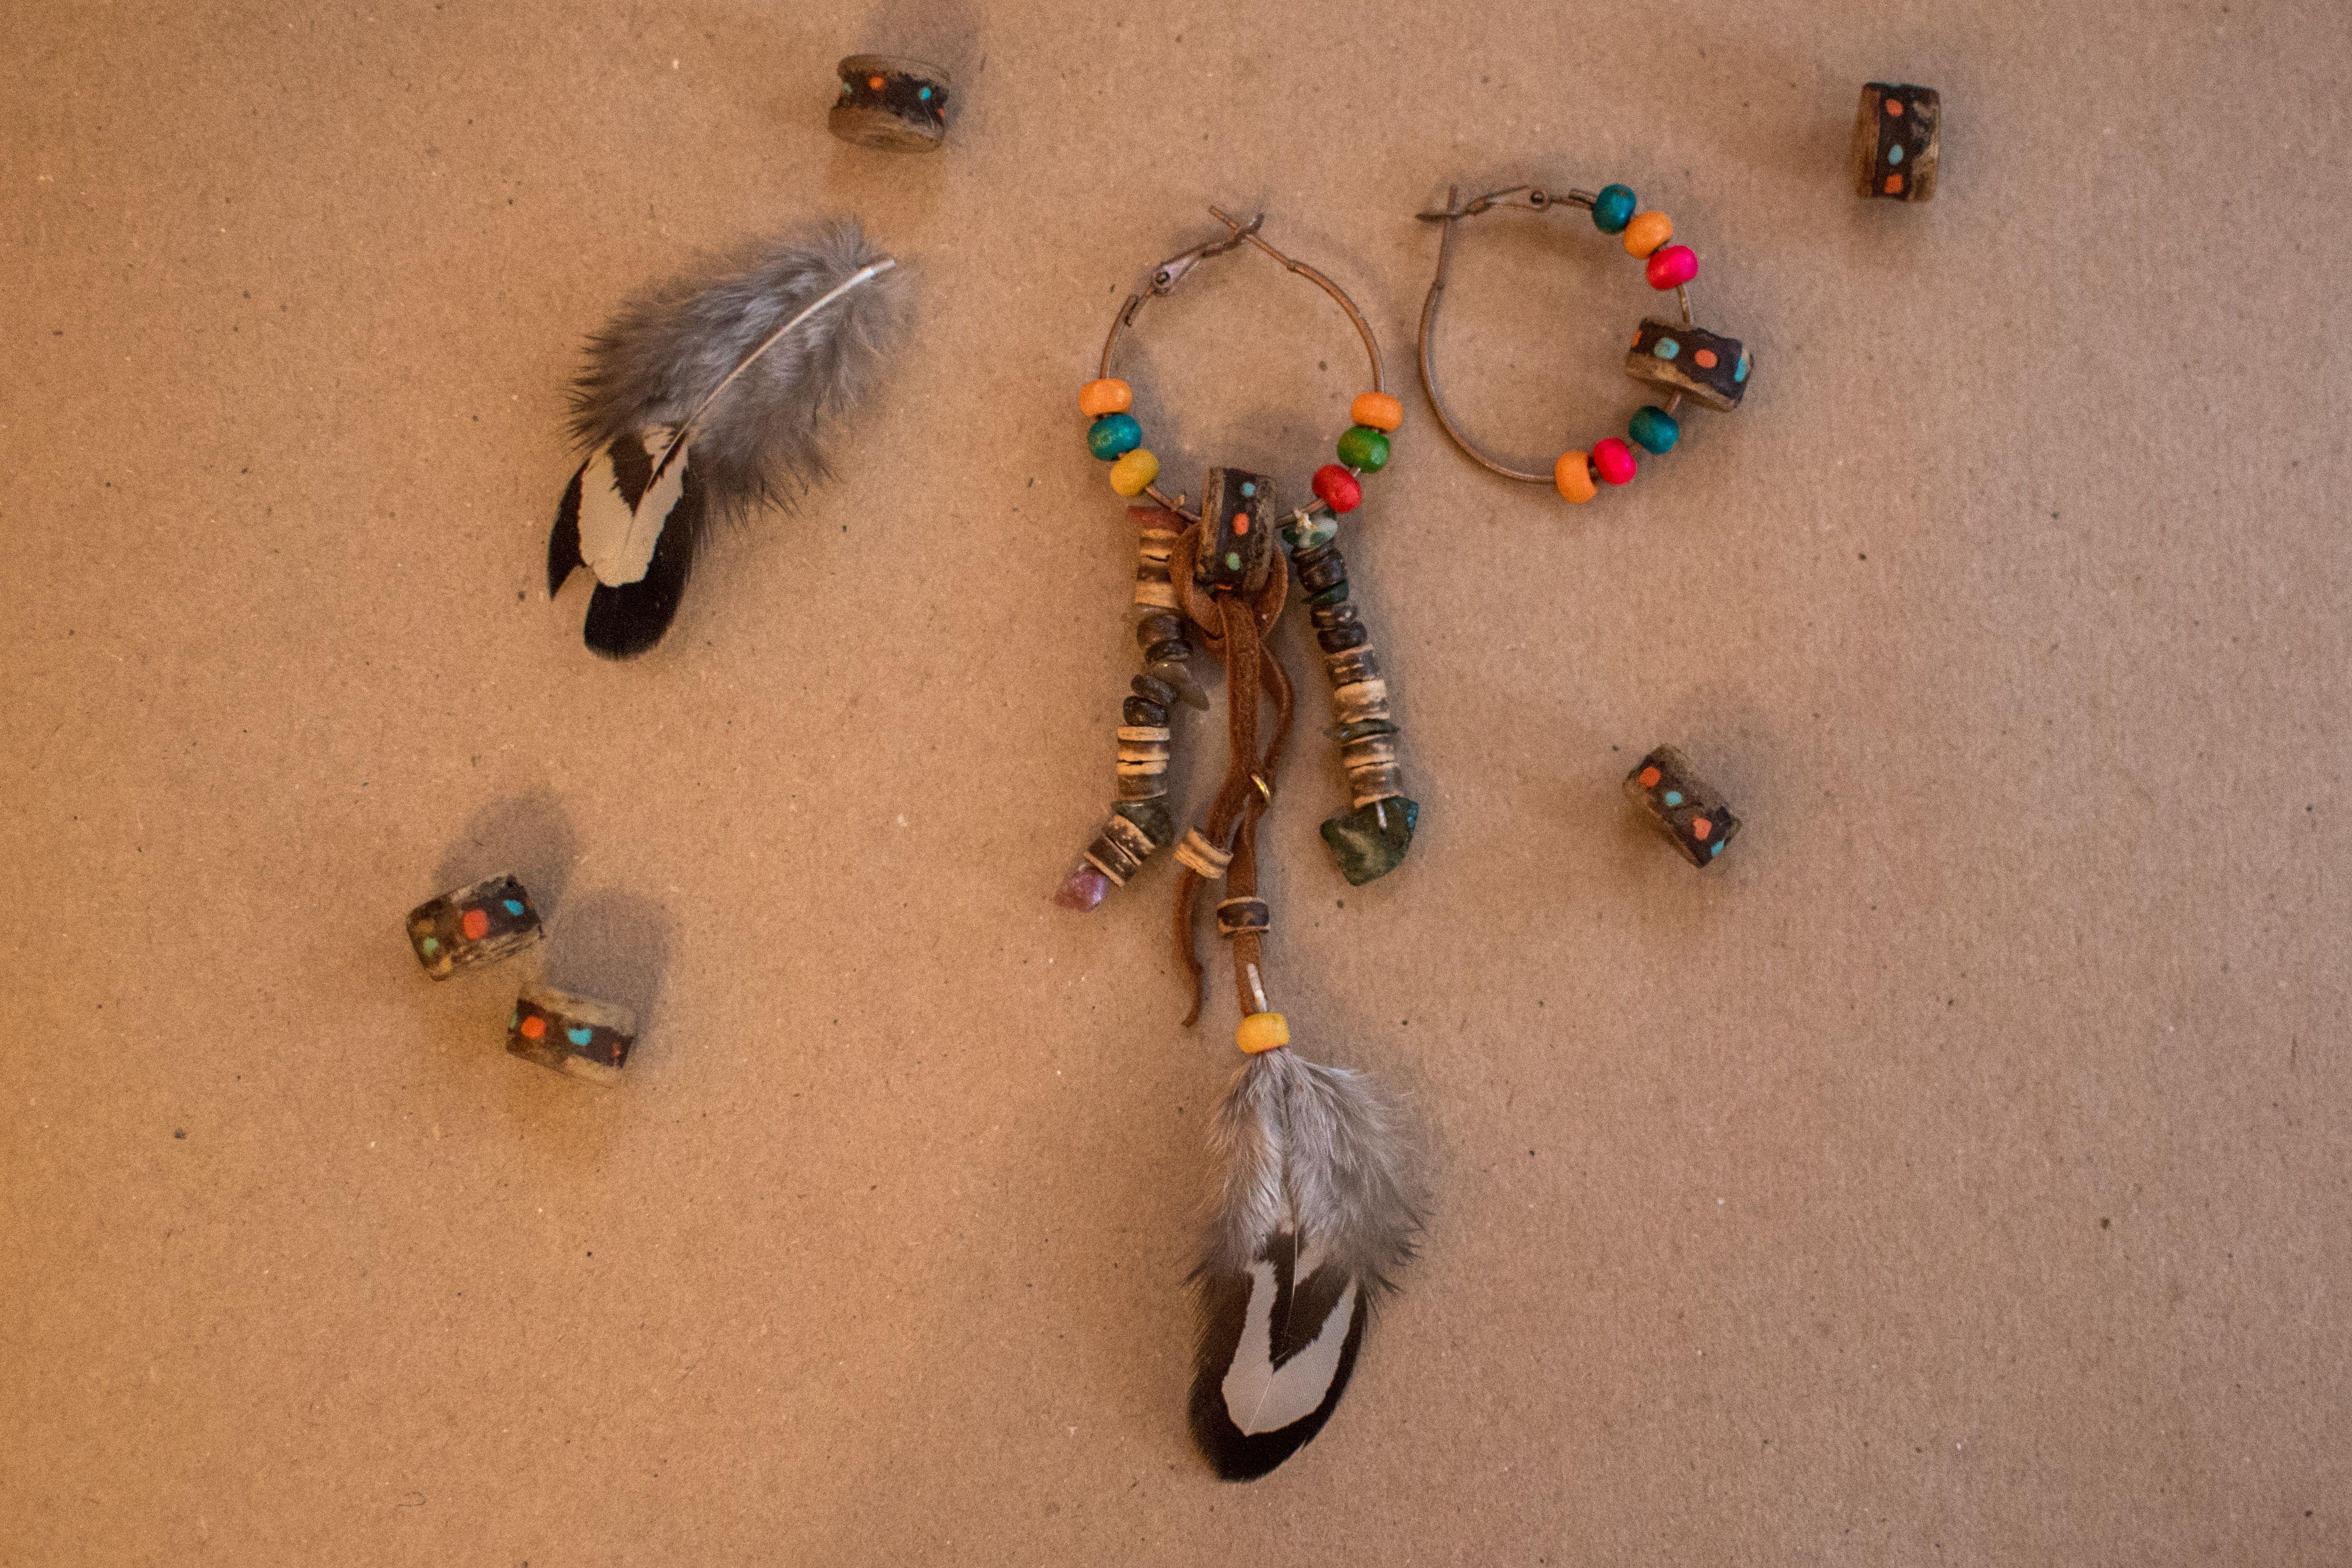 ручнаяработа этнический подарок серьги талисман амулет бусины украшение натуральныекамни индейцы